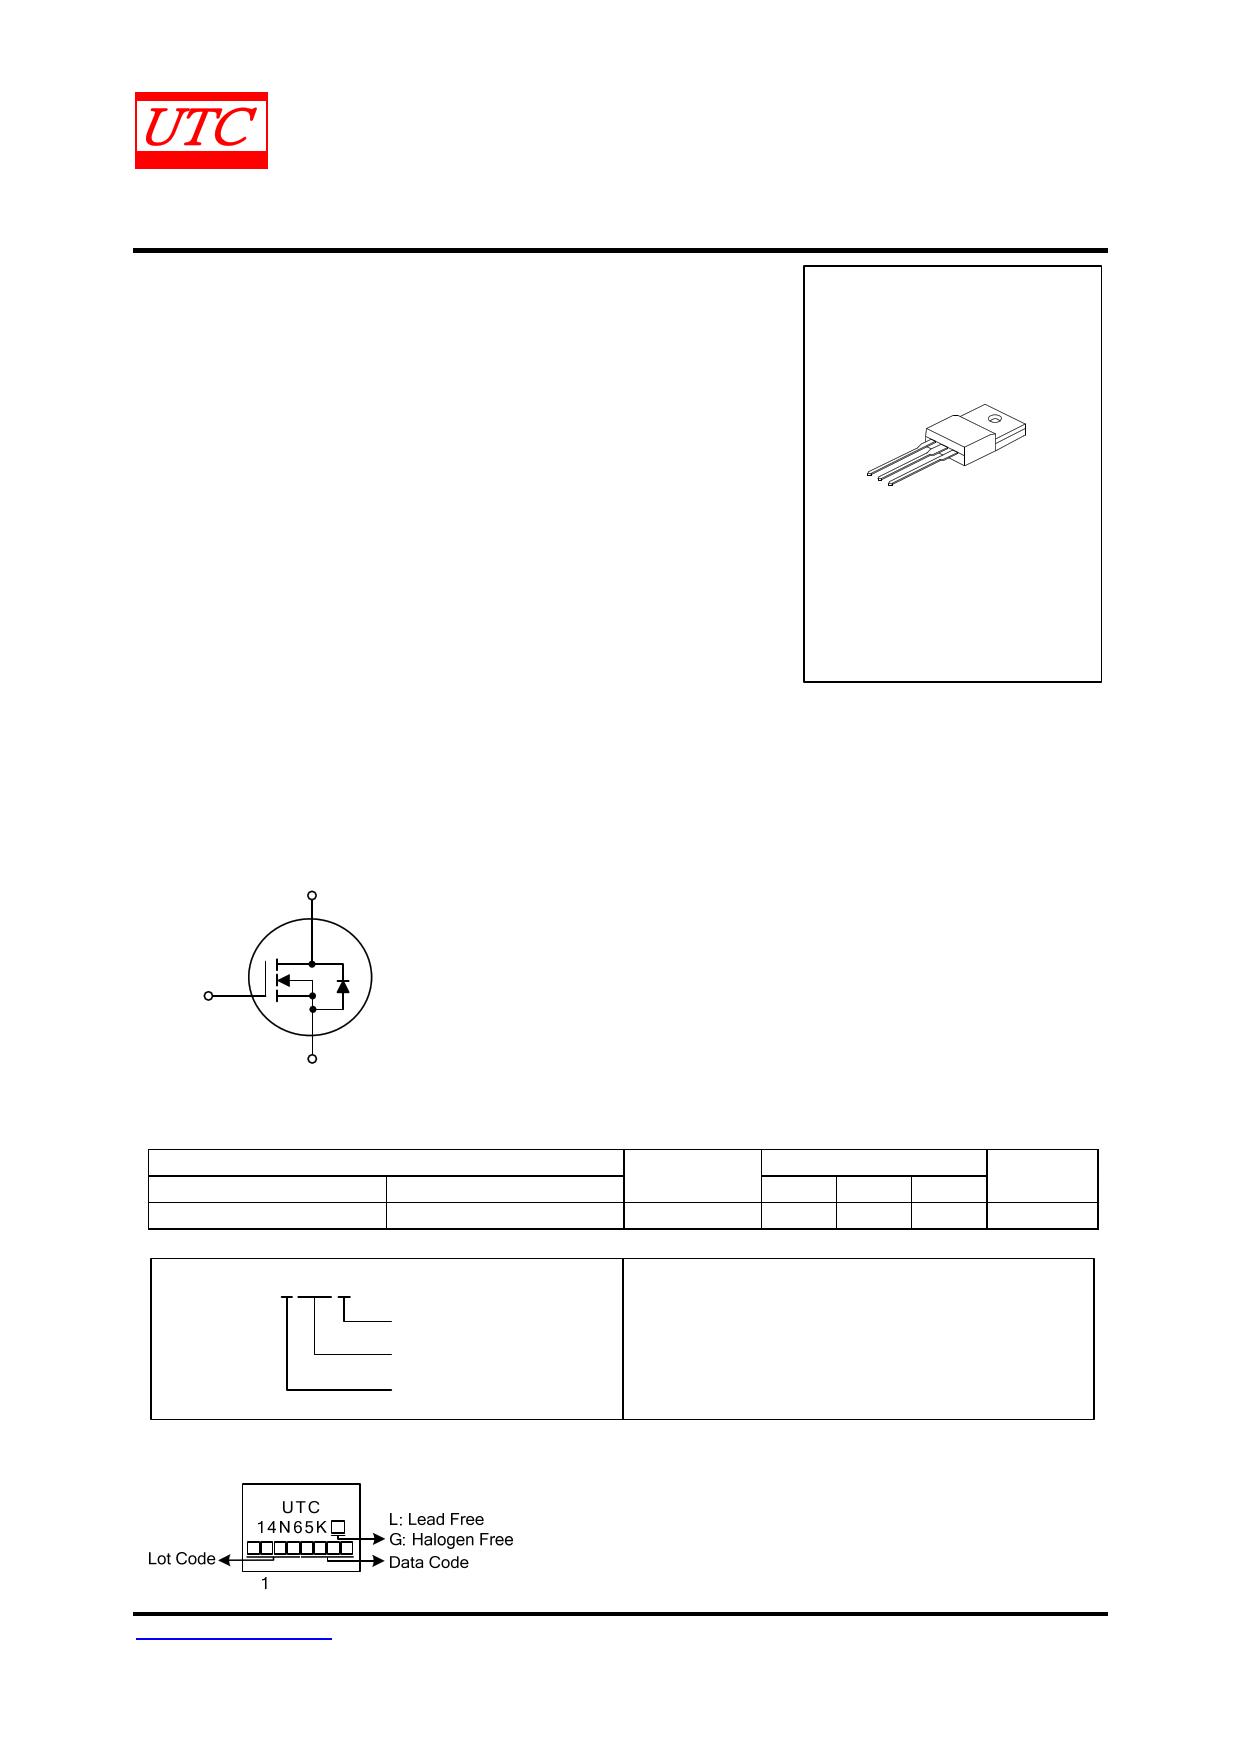 14N65K-MT datasheet